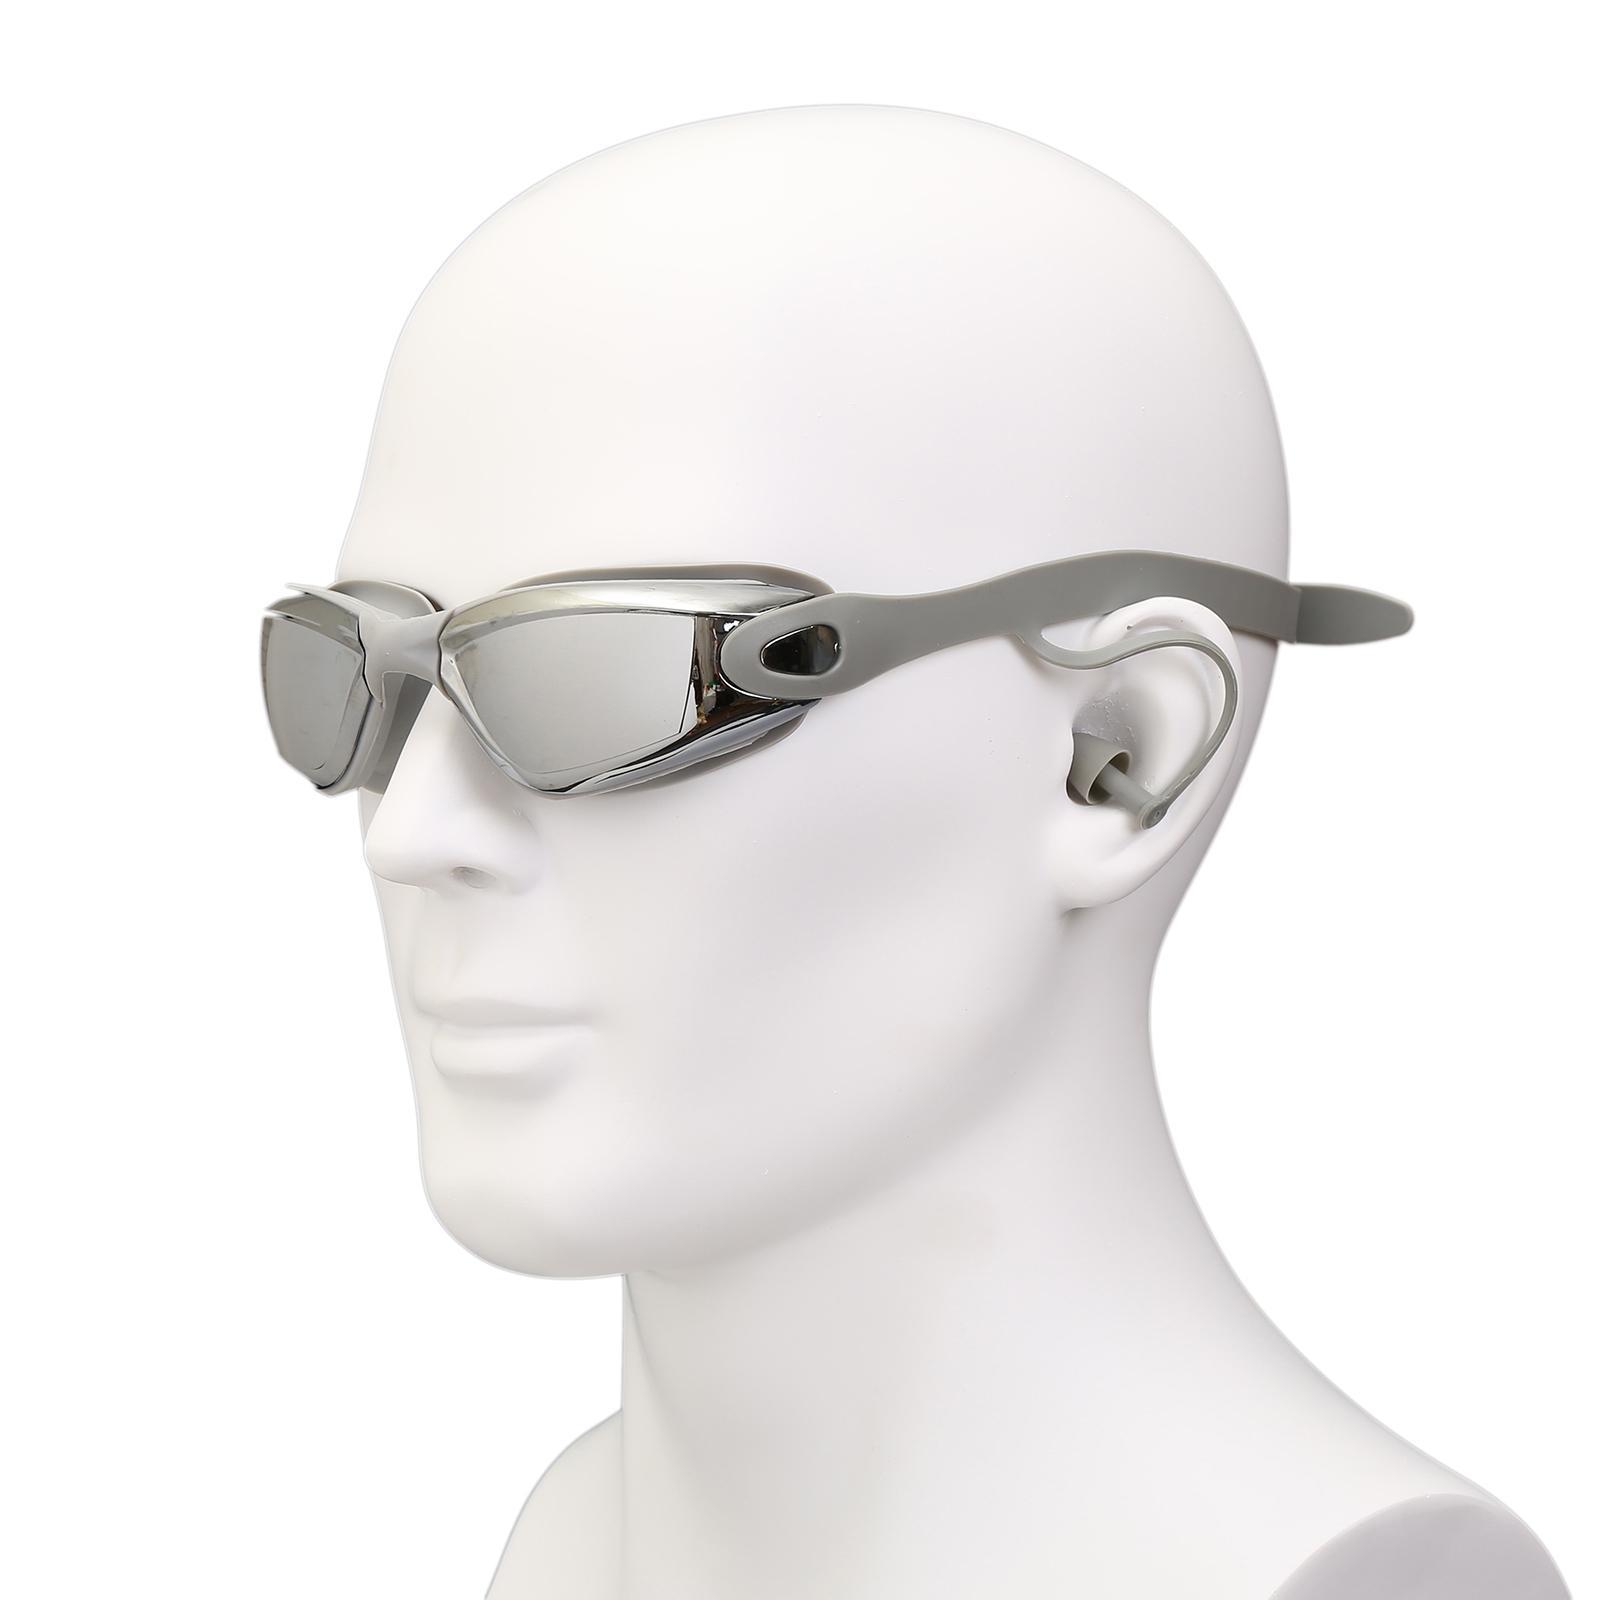 miniatura 2 - Occhialini da nuoto, protezione UV Occhialini da nuoto anti-appannamento Unisex